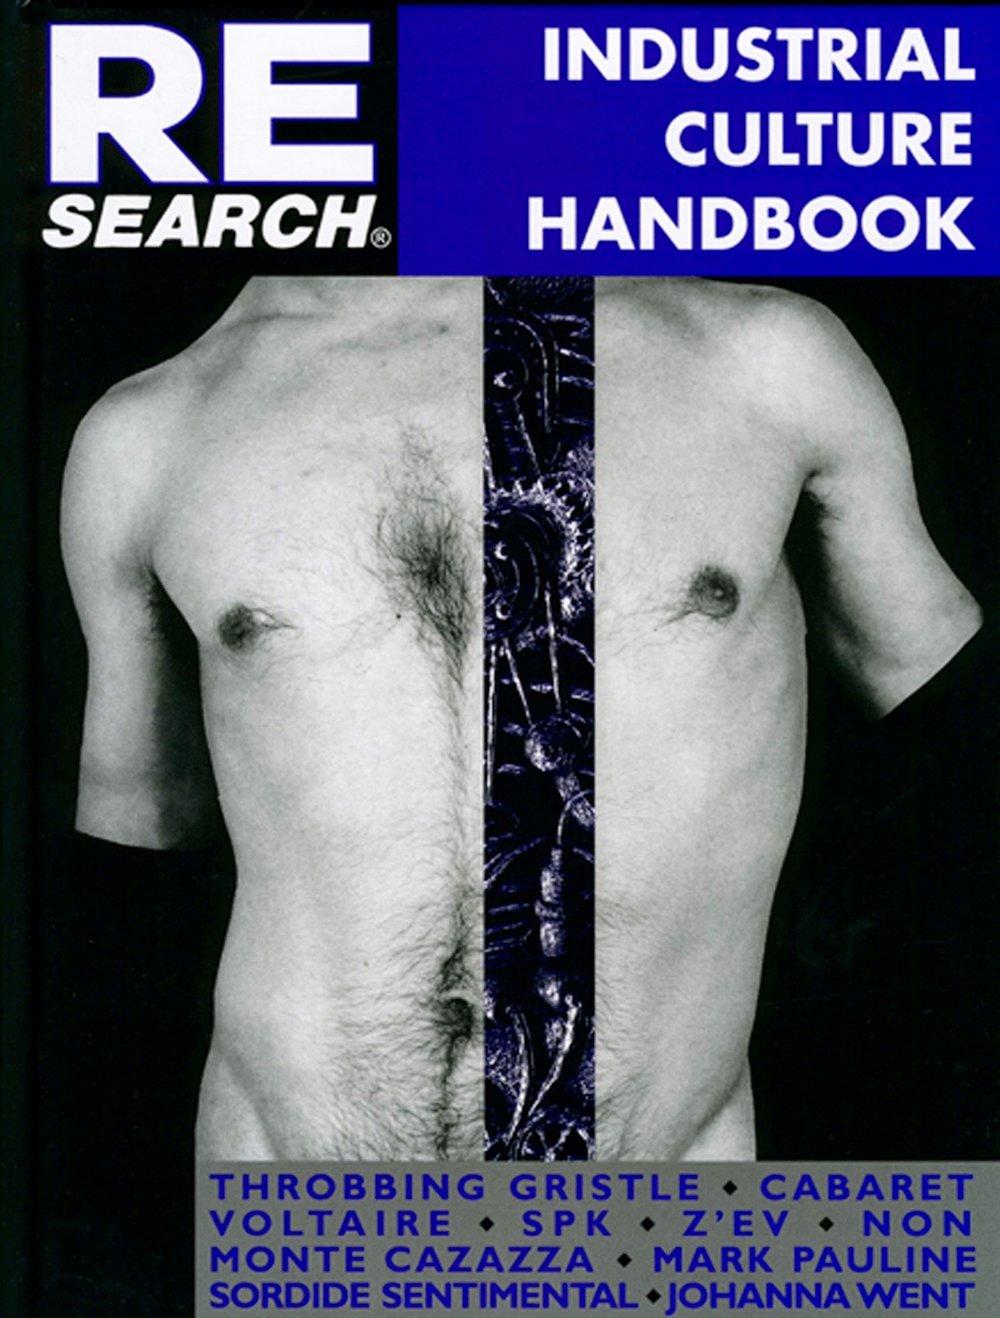 'Industrial Culture Handbook', 1983